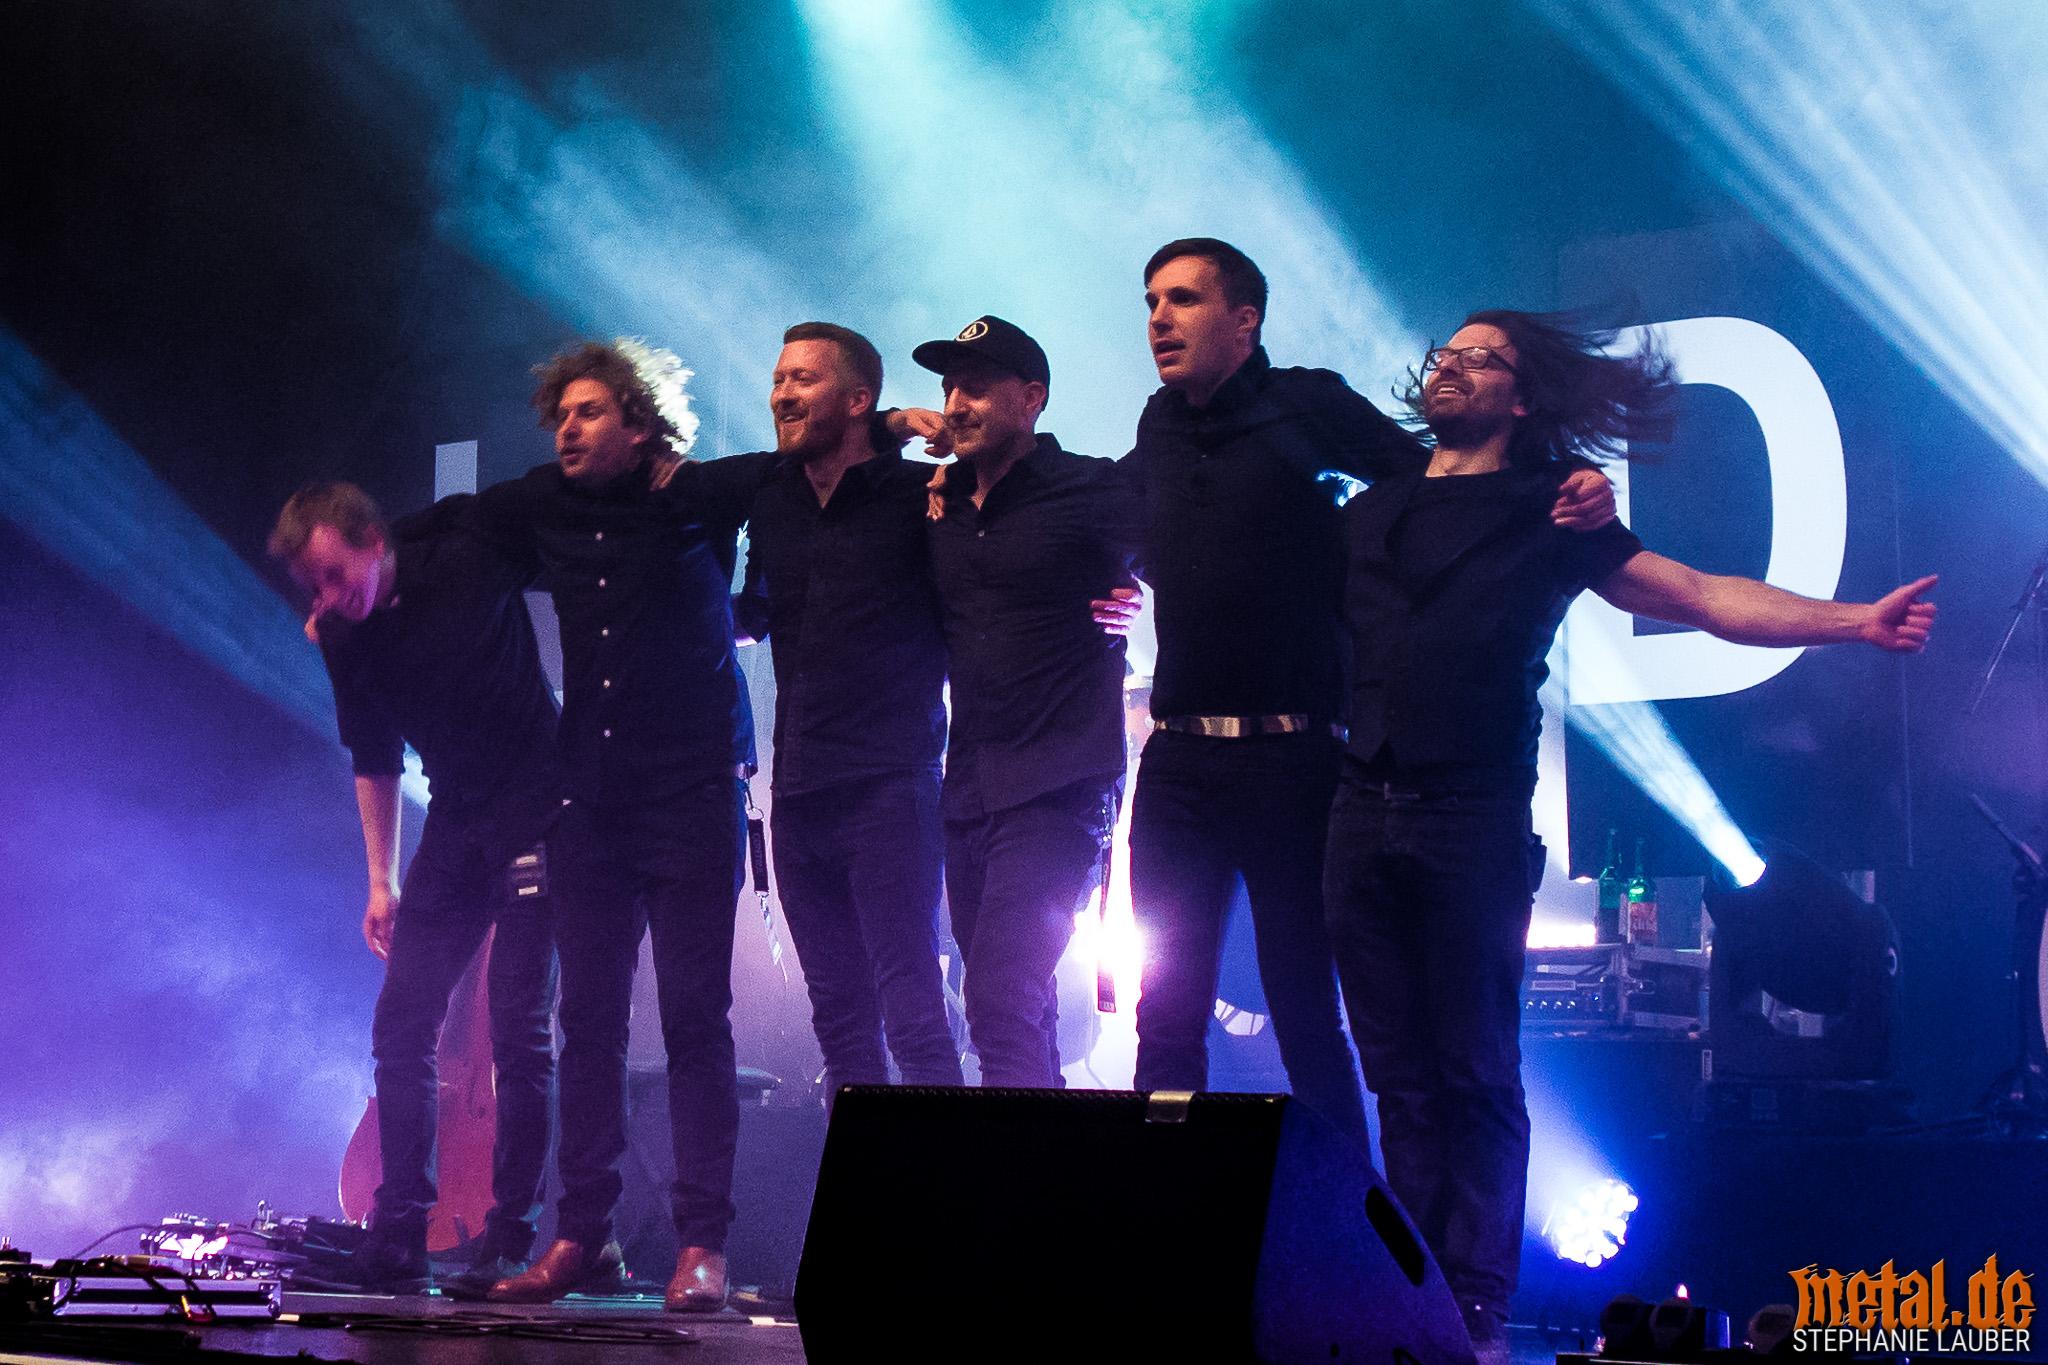 Konzertfoto von Long Distance Calling auf der Seats & Sounds Tour 2019 in Ludwigsburg